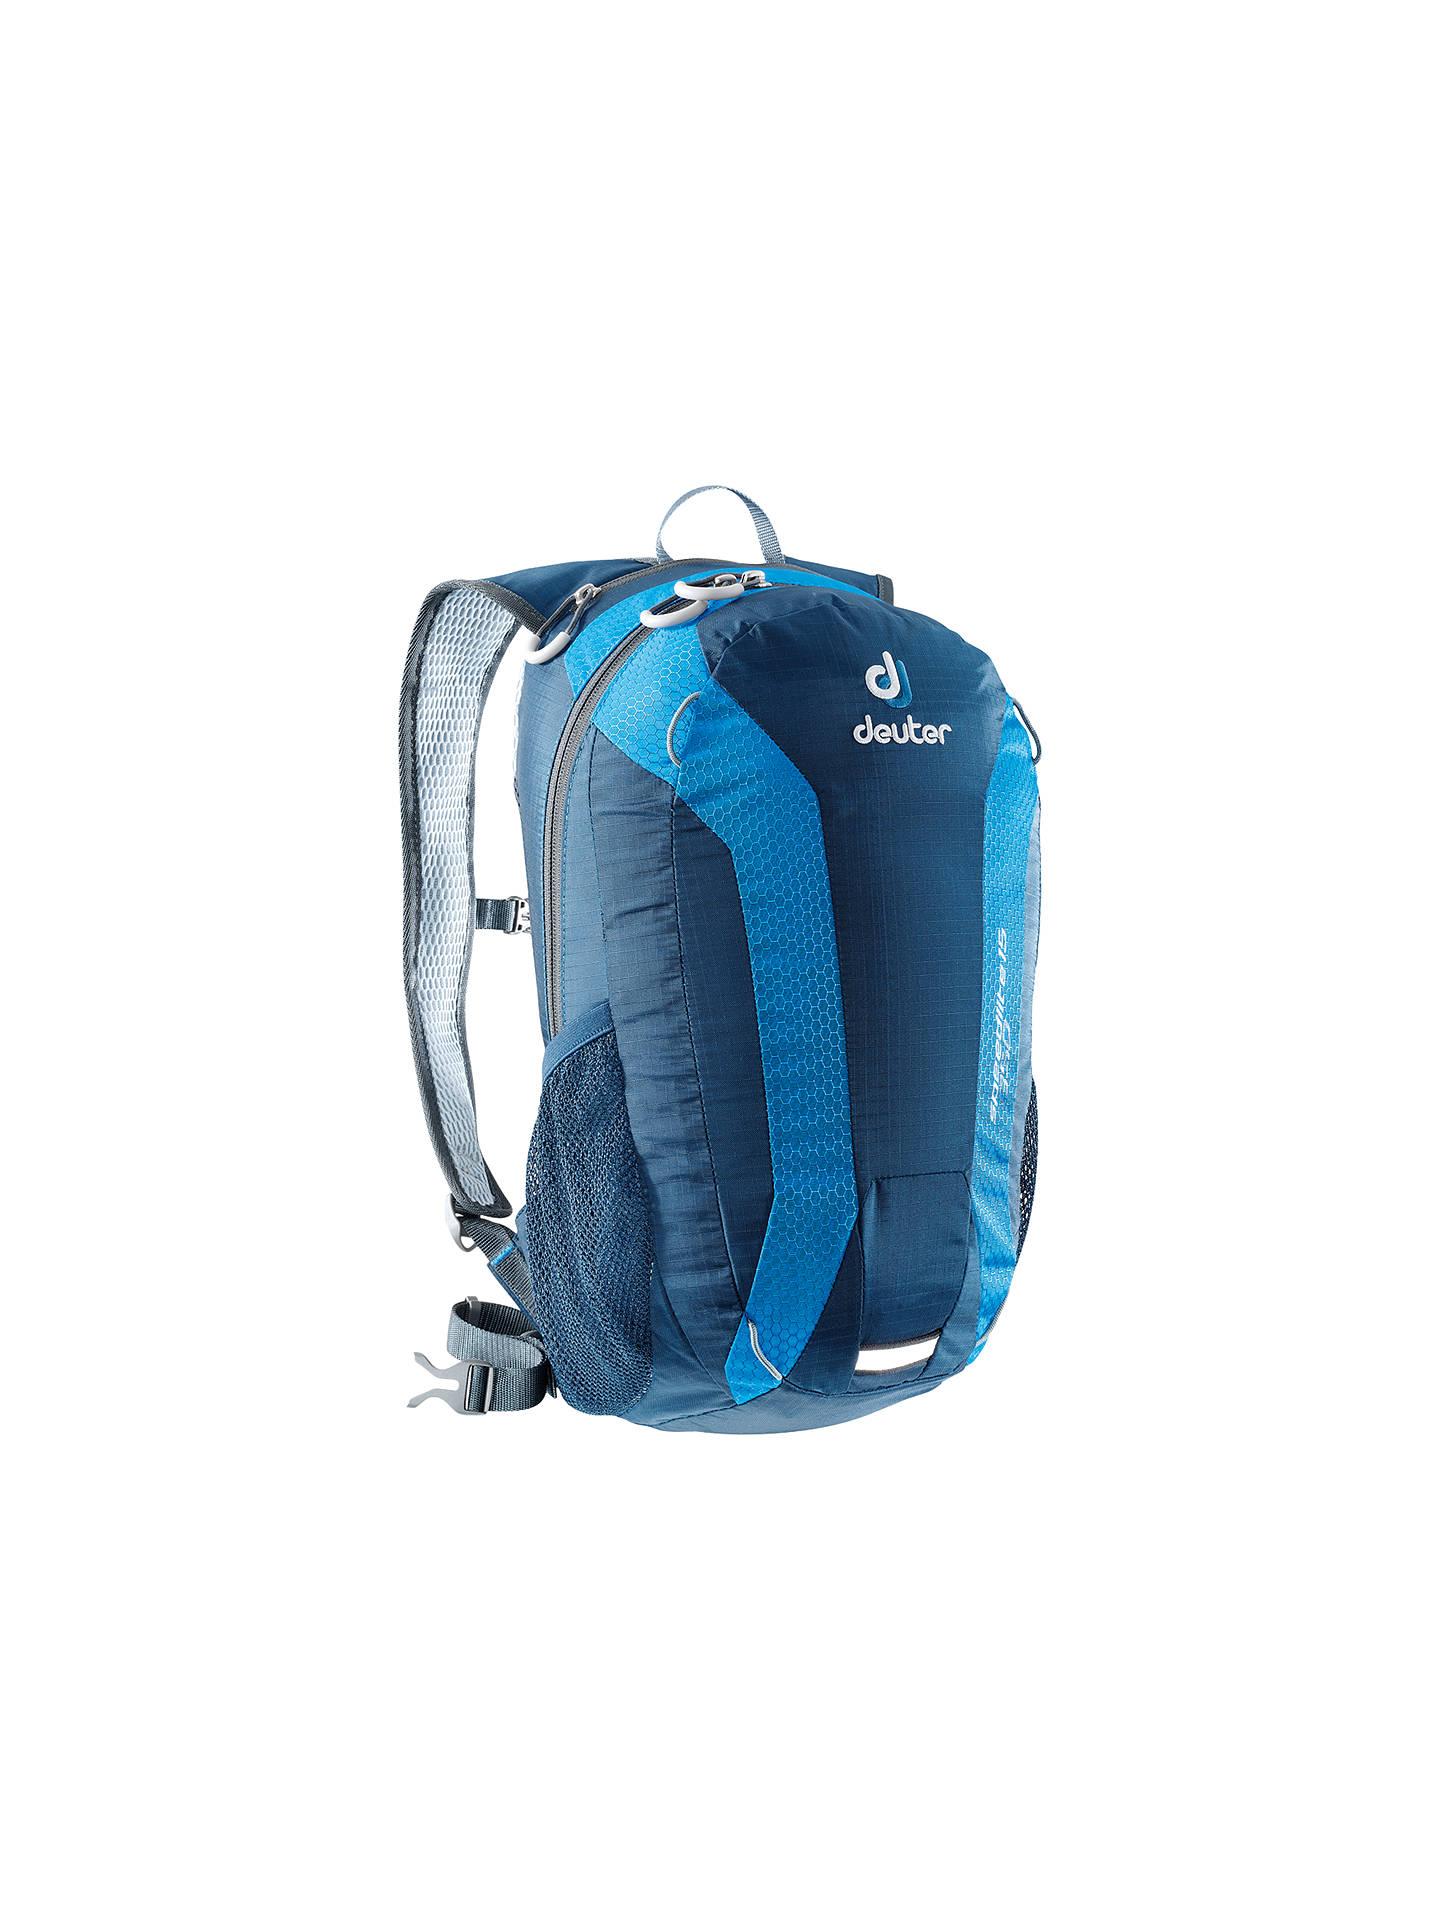 1e5c253e9f2 Buy Deuter Speed Lite 10 Backpack, Navy Online at johnlewis.com